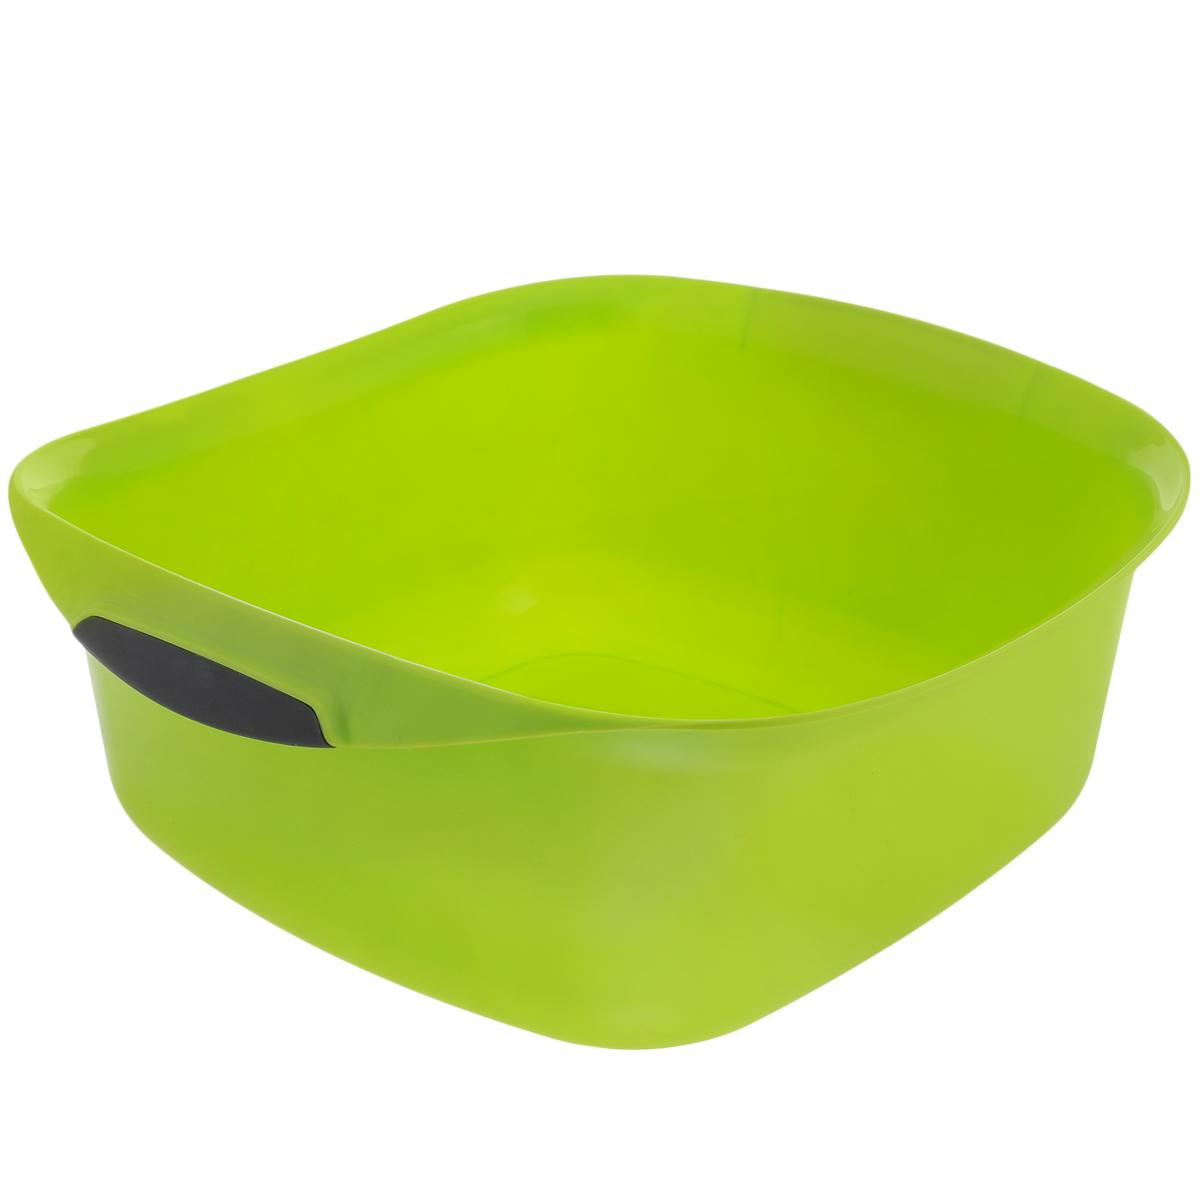 Таз Curver Urban, цвет: салатовый, 10 л2337_ салатовыйТаз Curver Urban изготовлен из высококачественного пластика. Удобен для различных бытовых нужд. По бокам оснащен ручками. Размер таза: 35 см х 35 см. Высота стенки: 13 см.